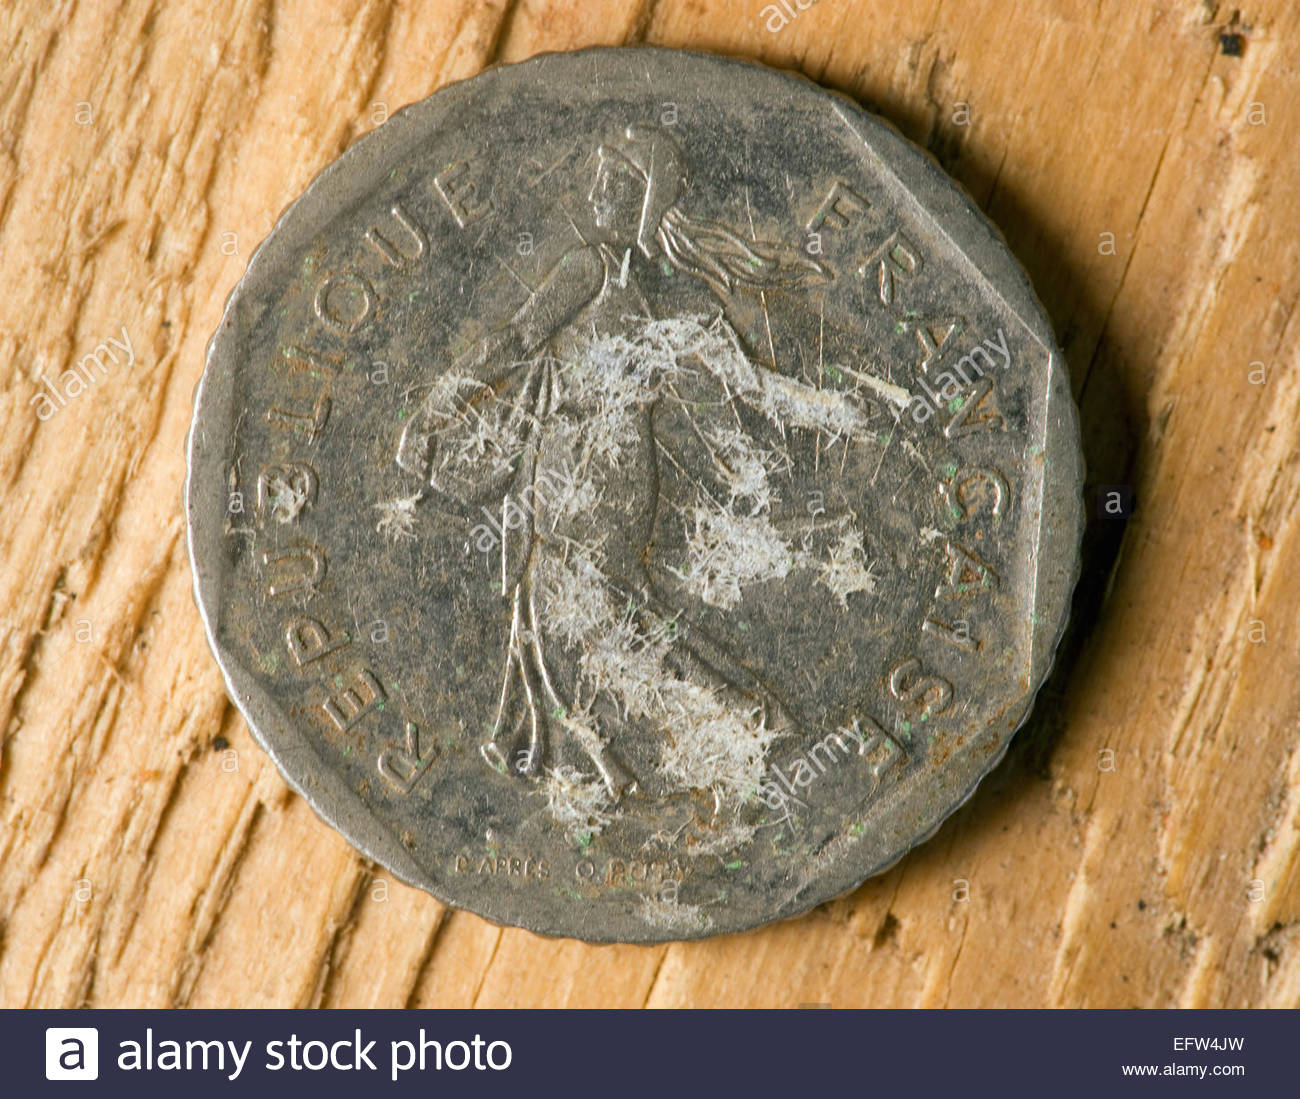 Altfranzösisch Franc Frankreich Europa Europäische Franken Geld Cash